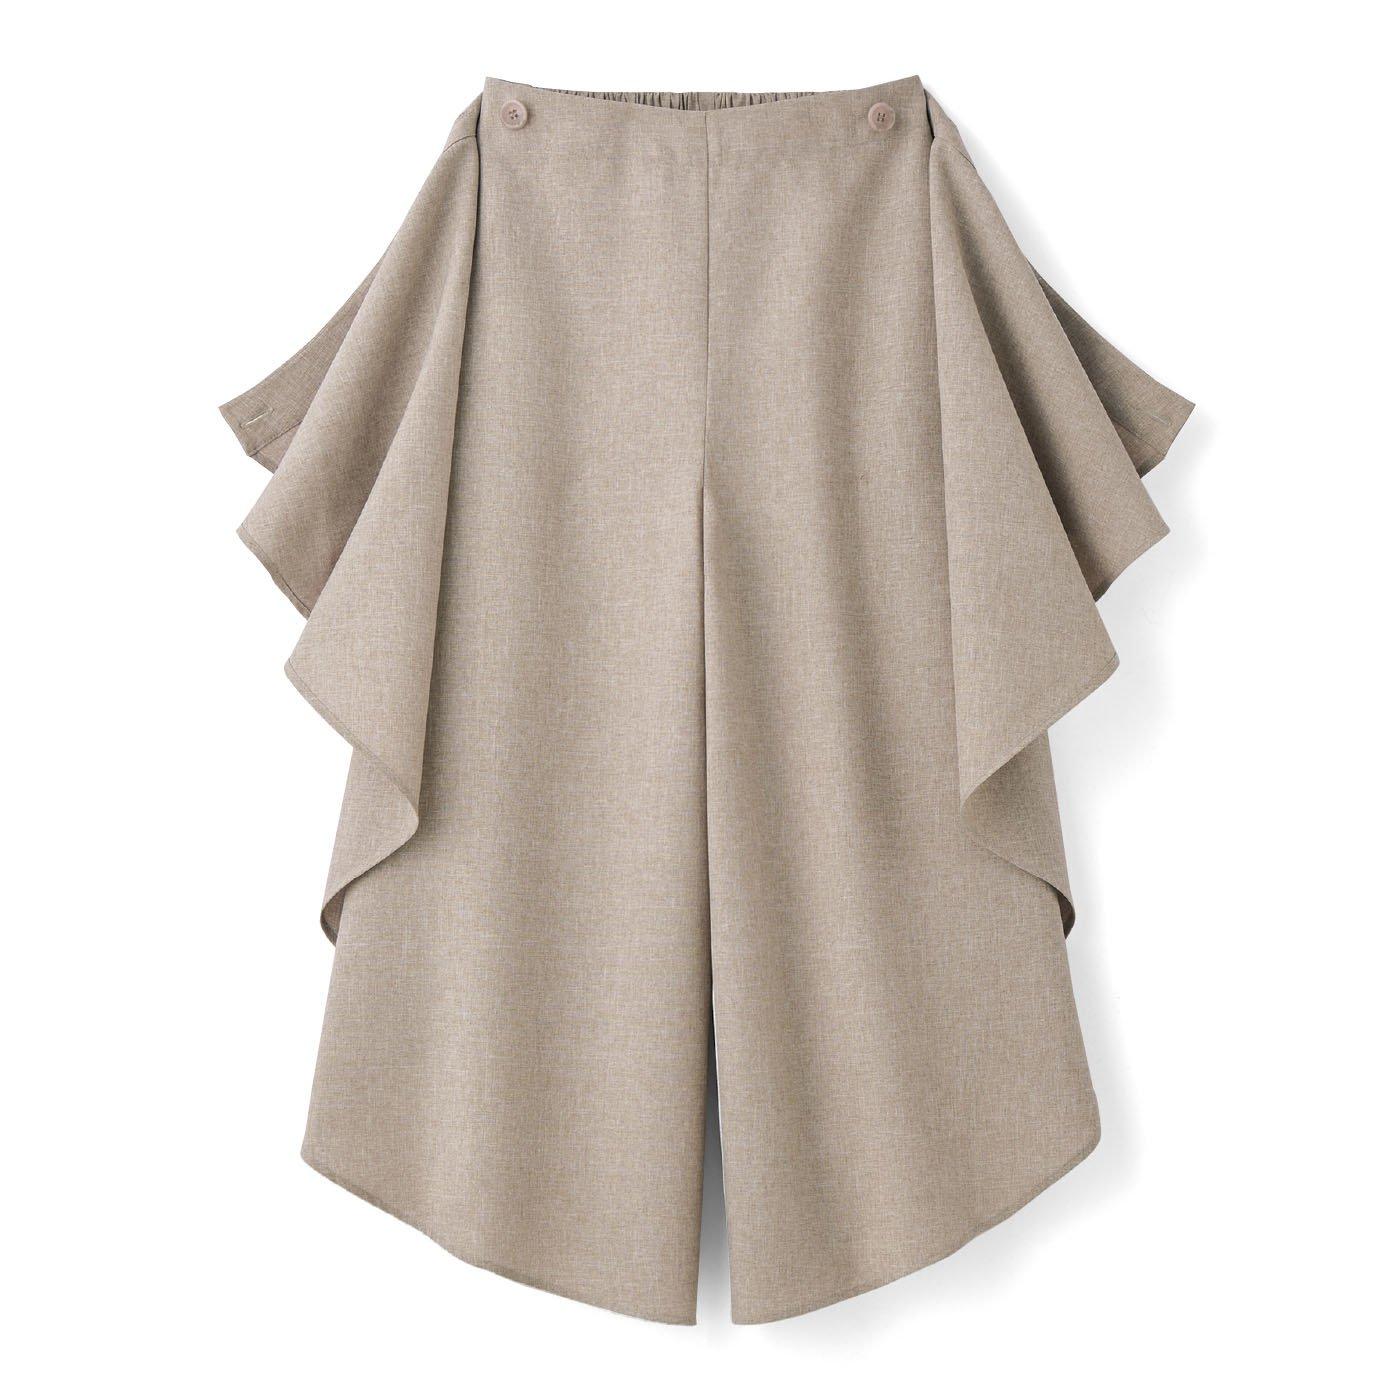 フラウグラット 風を通して腰まわり隠す 2-WAYラップスカート風パンツ〈モカベージュ〉